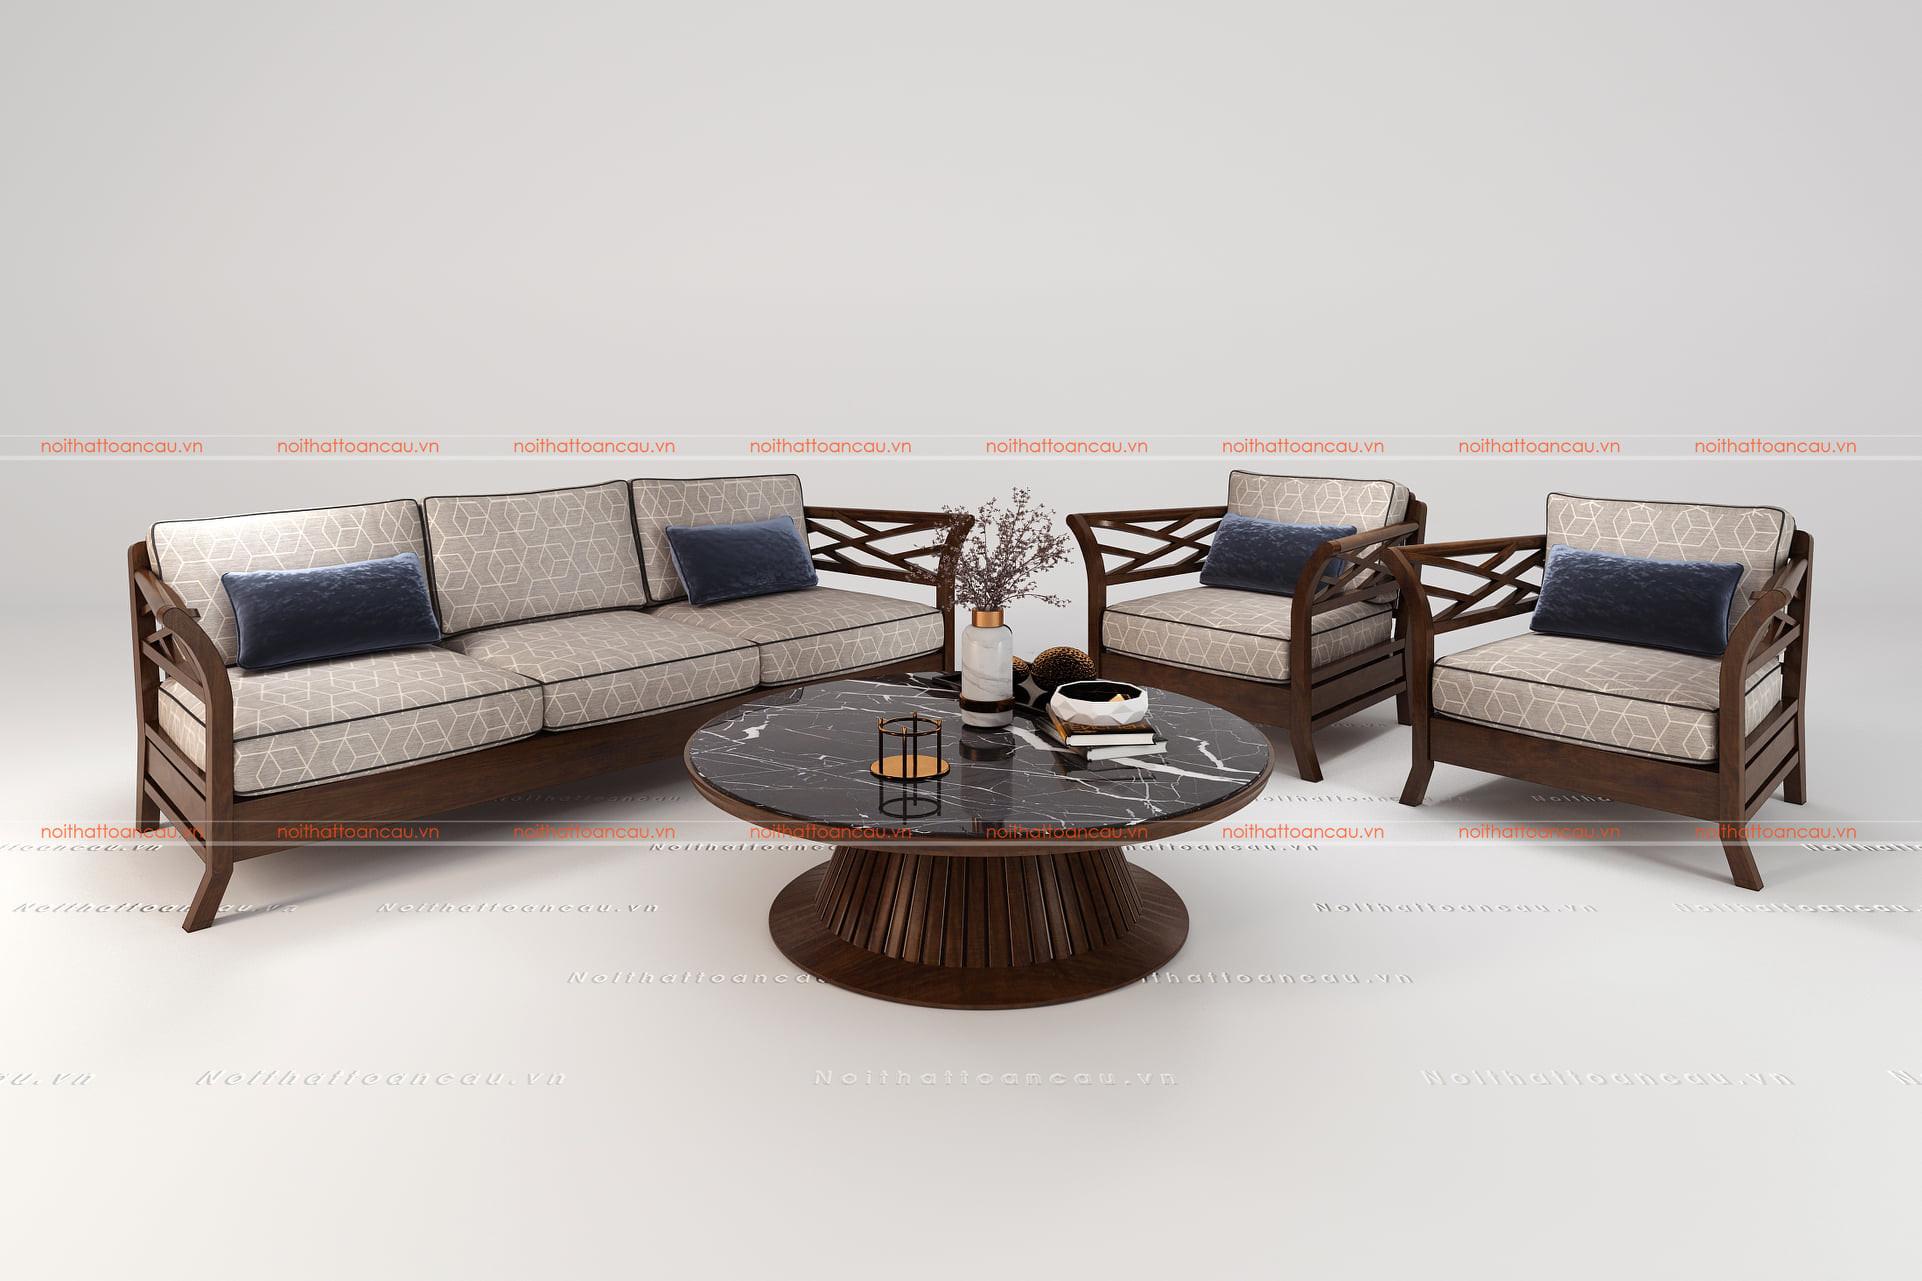 Bàn ghế gỗ gụ hiện đại  5